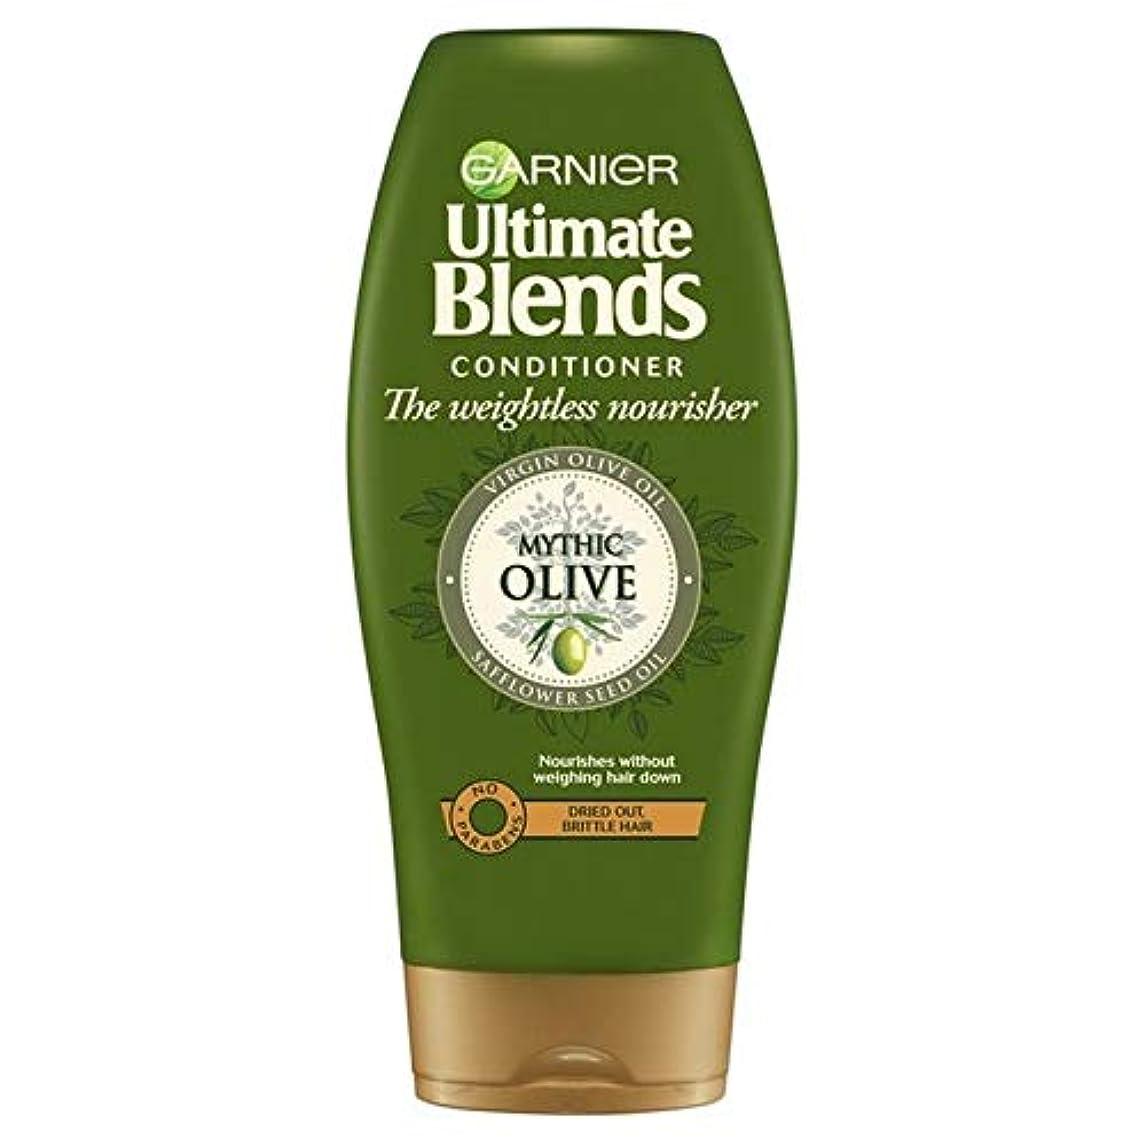 落ち着くシェルターわずかに[Garnier ] ガルニエ究極のオリーブオイルドライヘアコンディショナー360ミリリットルをブレンド - Garnier Ultimate Blends Olive Oil Dry Hair Conditioner...